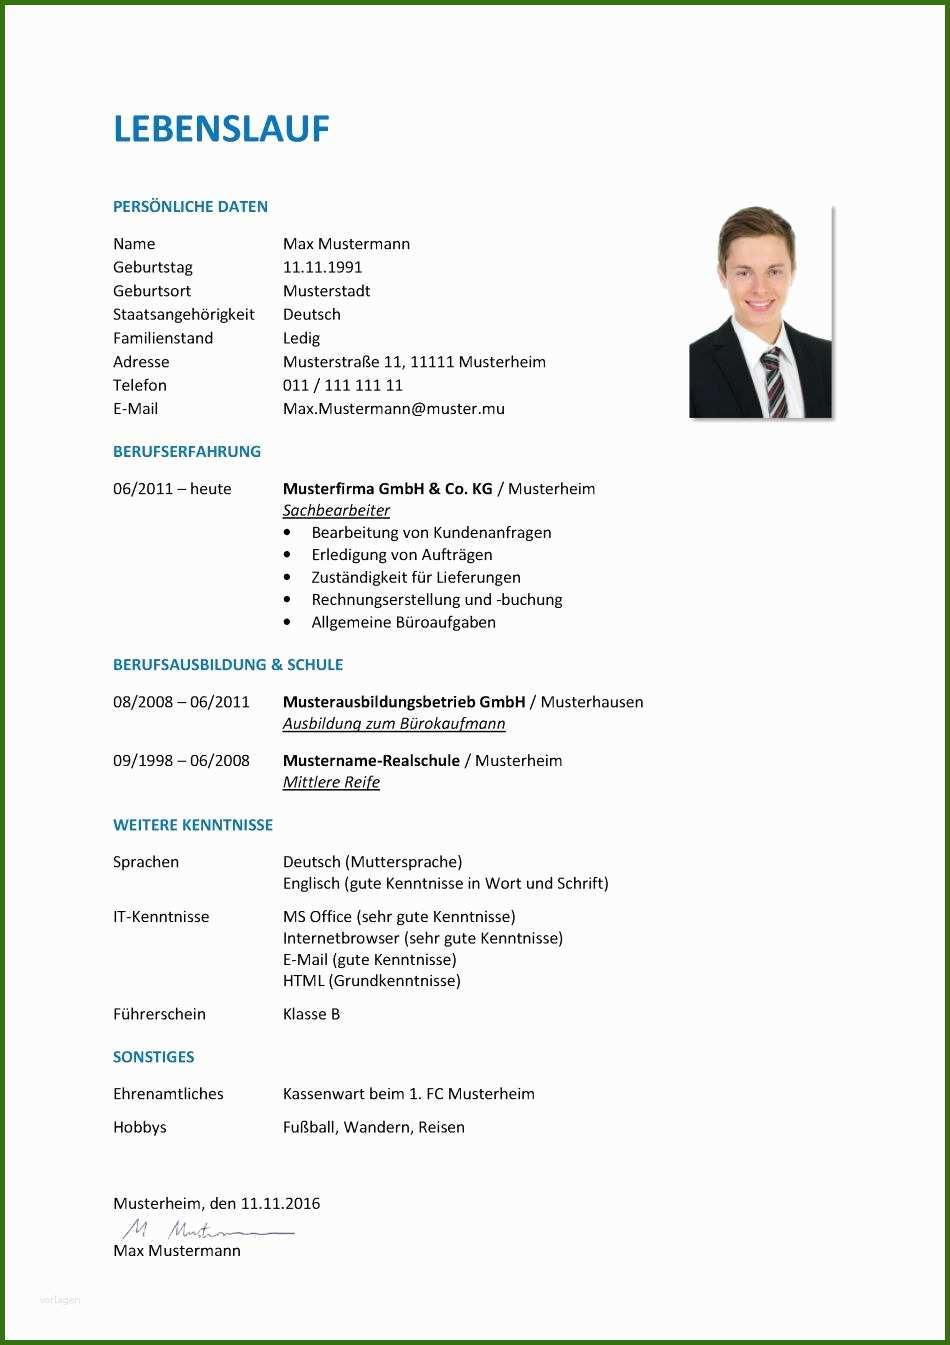 024 Lebenslauf Vorlage Bewerbung Ausbildung 13 ...